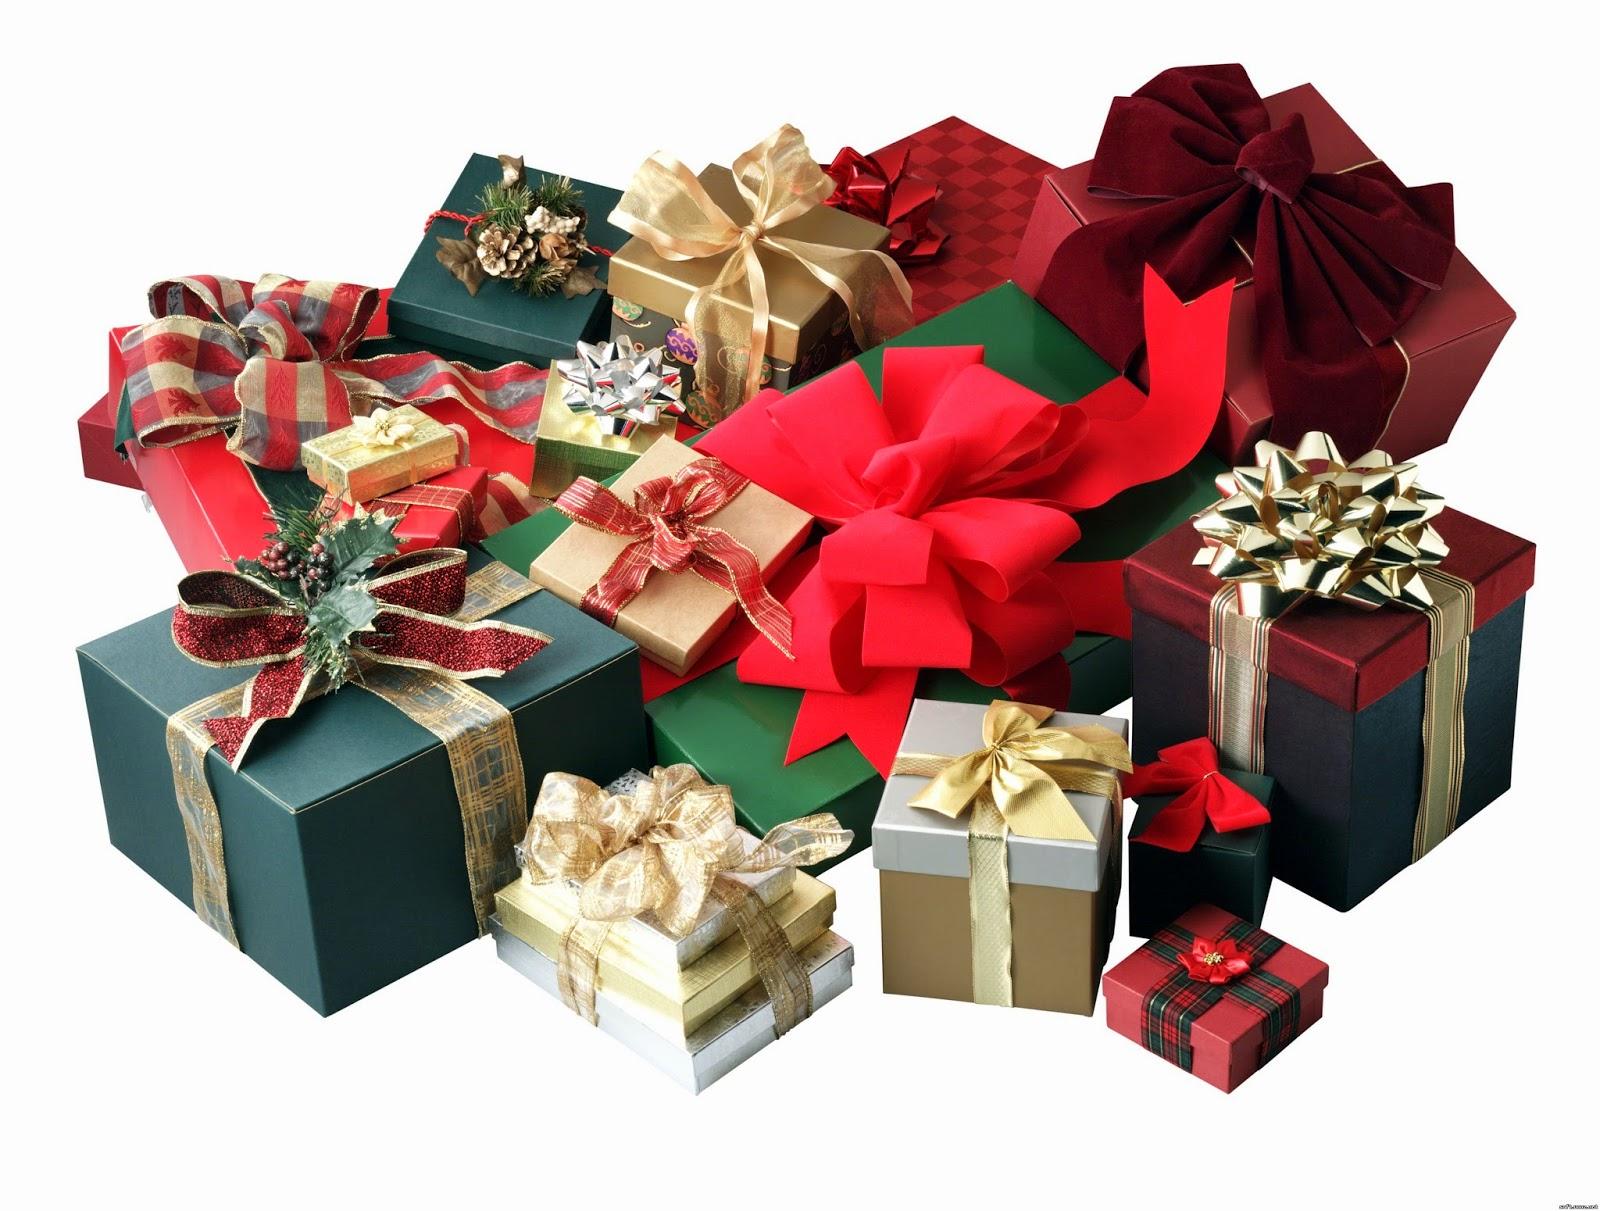 упаковка подарков ручной работы, подарочная упаковка, упаковка подарков своими руками, o-linn